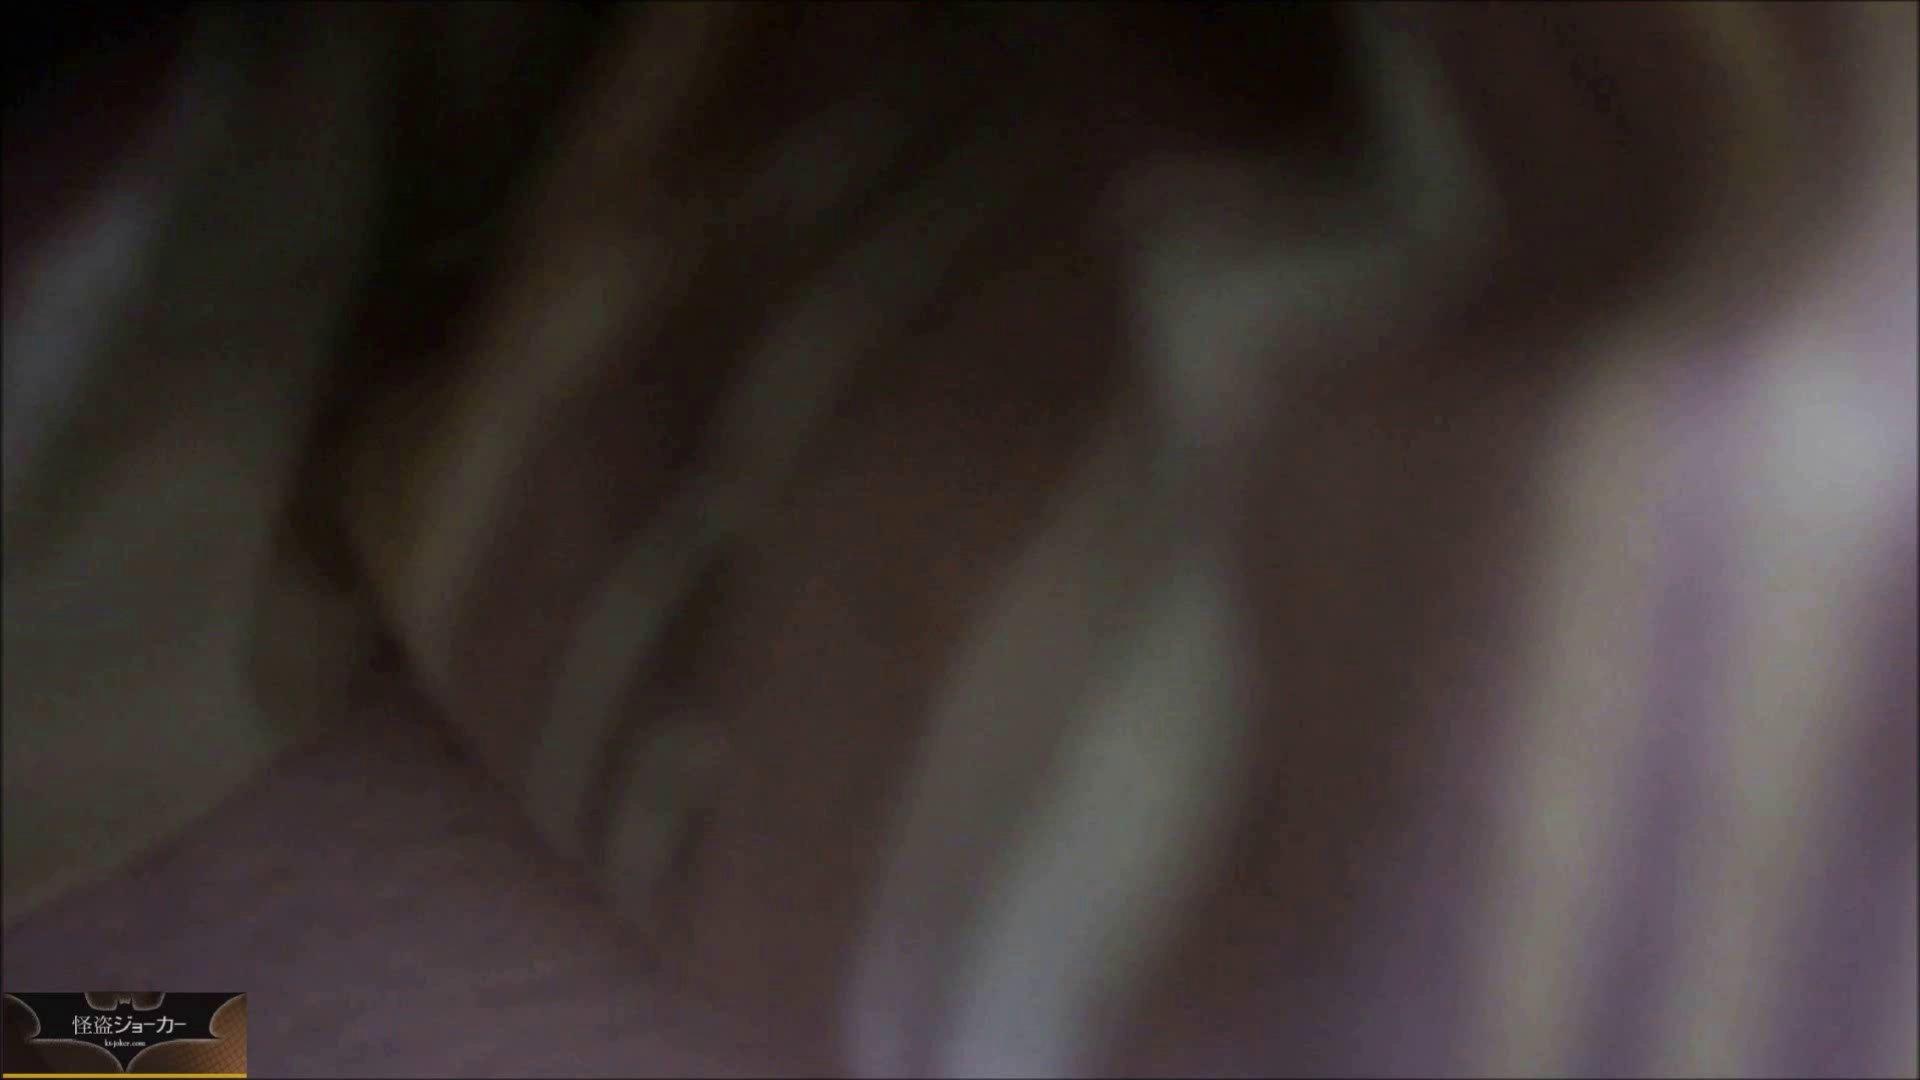 【未公開】vol.26 目民るレイカを突いて・・・ 学校   美肌  97枚 31